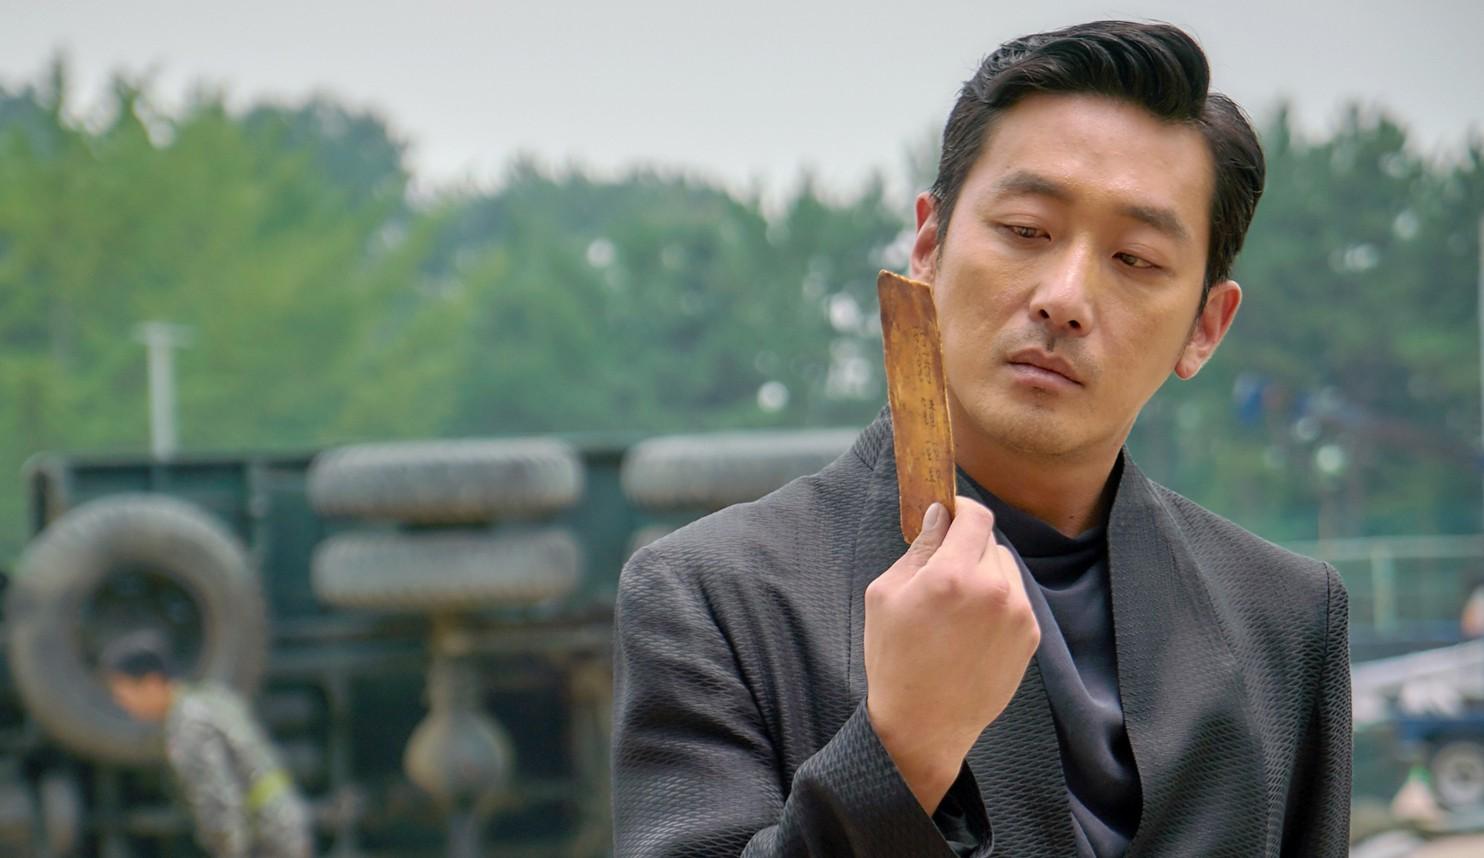 """Kể chuyện cõi âm đầy kỳ thú, """"Thử Thách Thần Chết"""" đáng là bom tấn chốt năm 2017 của điện ảnh Hàn - Ảnh 6."""